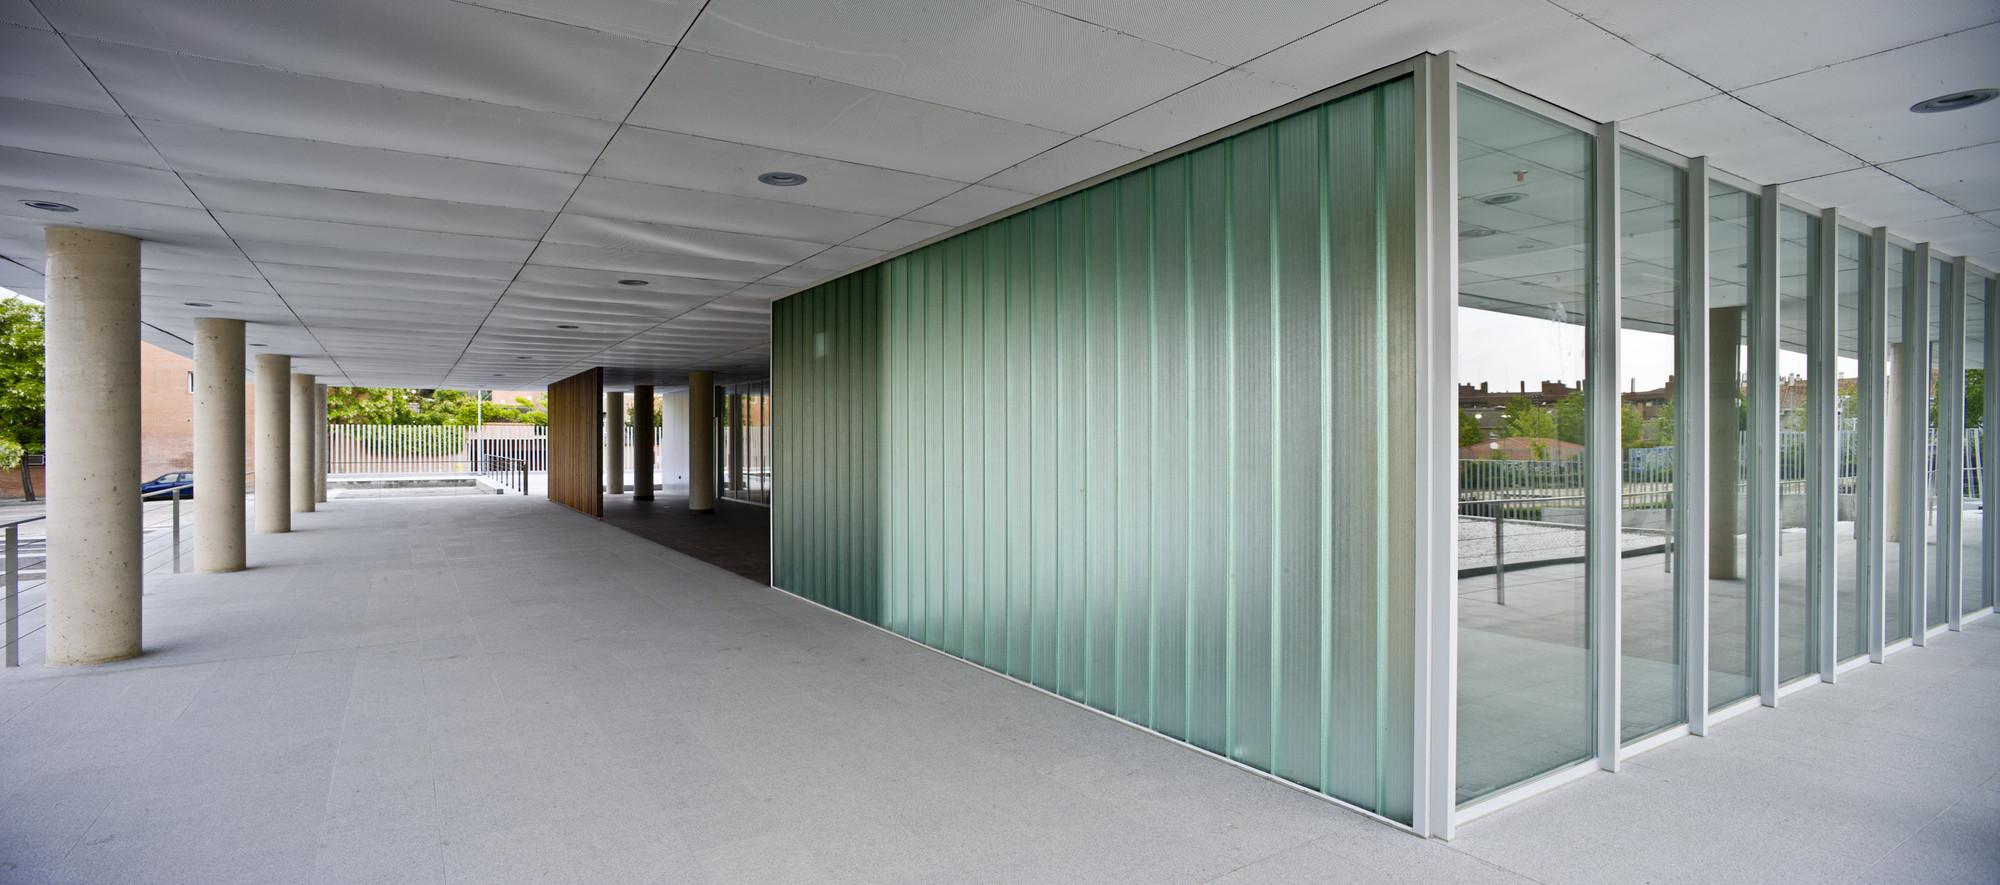 Espacio arquitectonico - Tipos de espacios ...